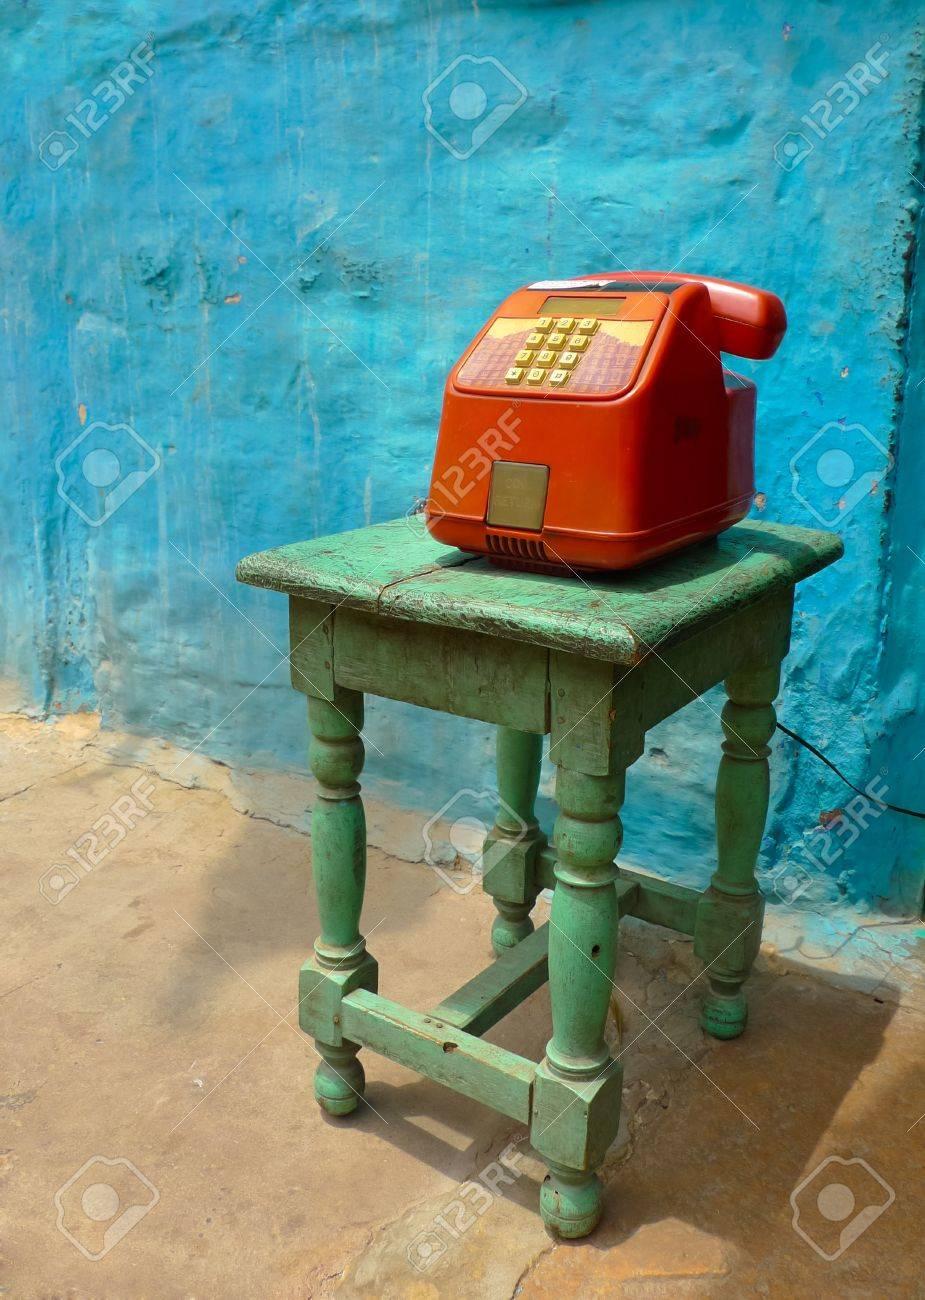 Colorful T L Phone Public Sur Un Tabouret Dans Une Rue Jodhpur